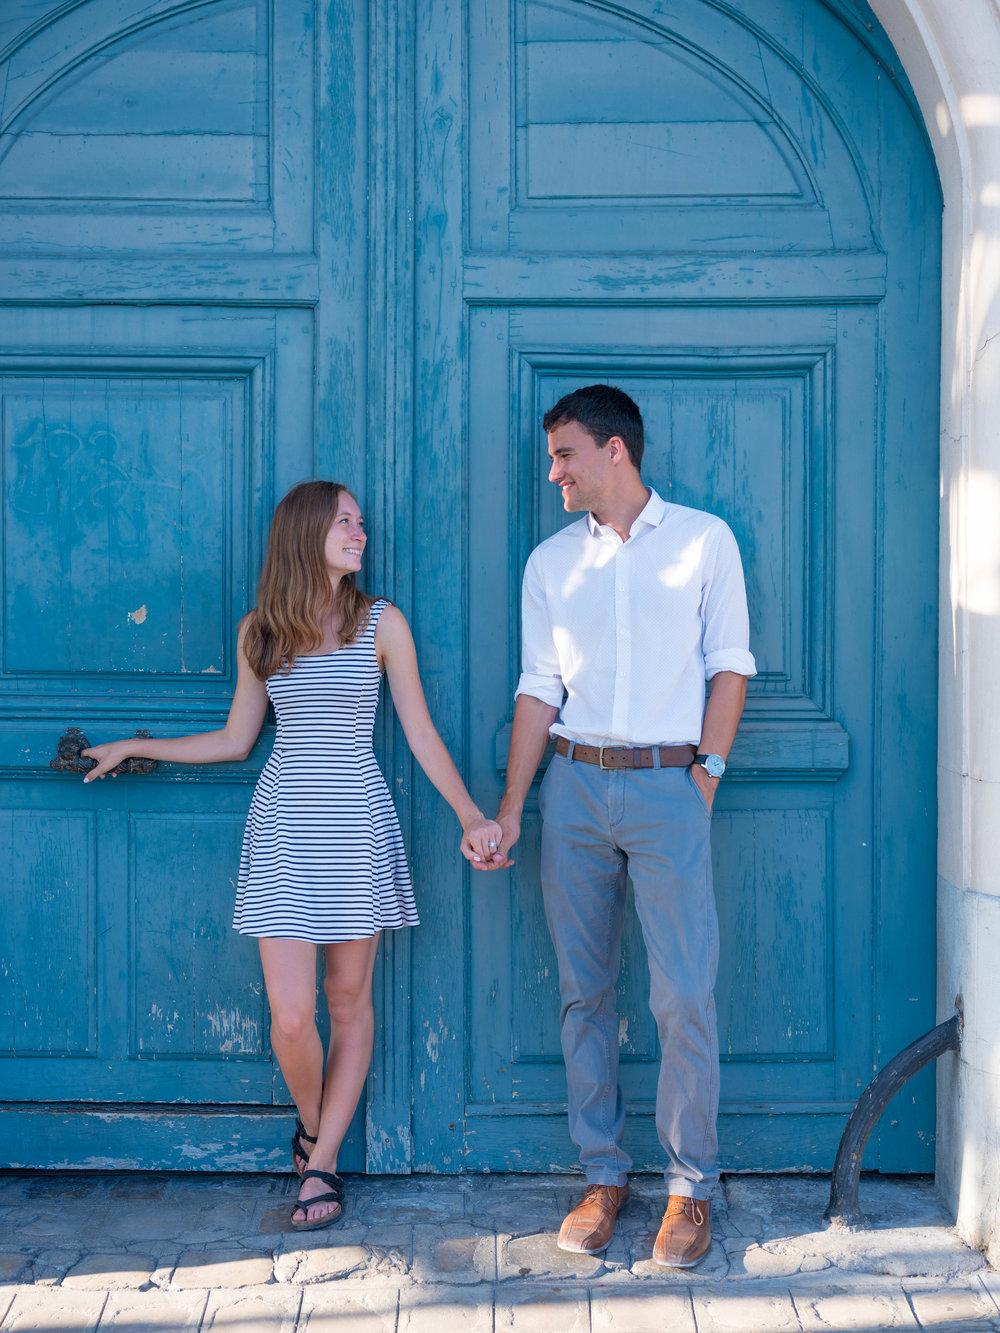 Another fantastic blue door in Paris